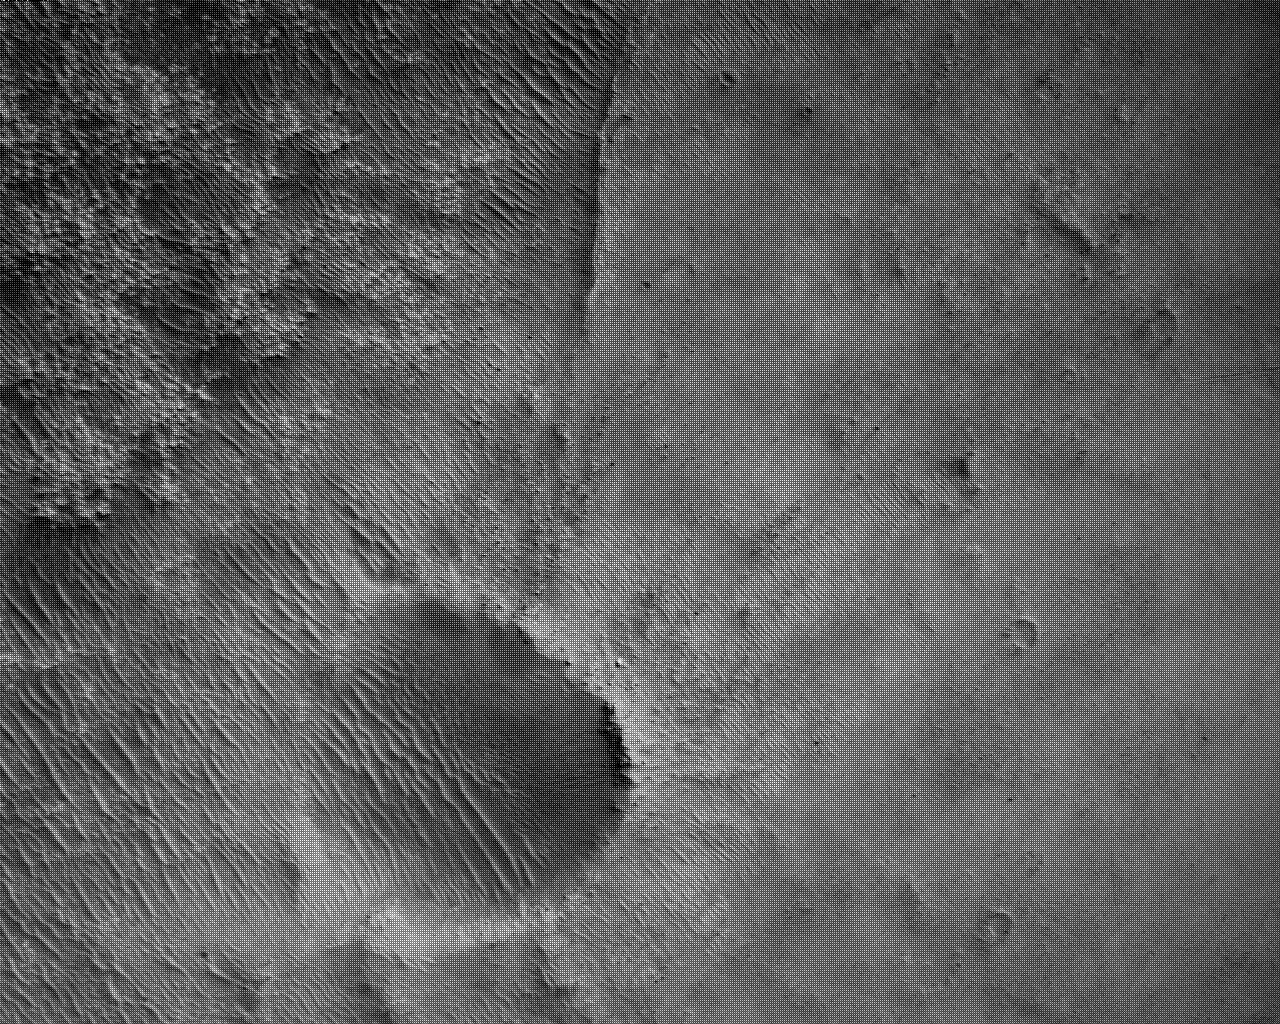 dettaglio jazero crater marte perseverance